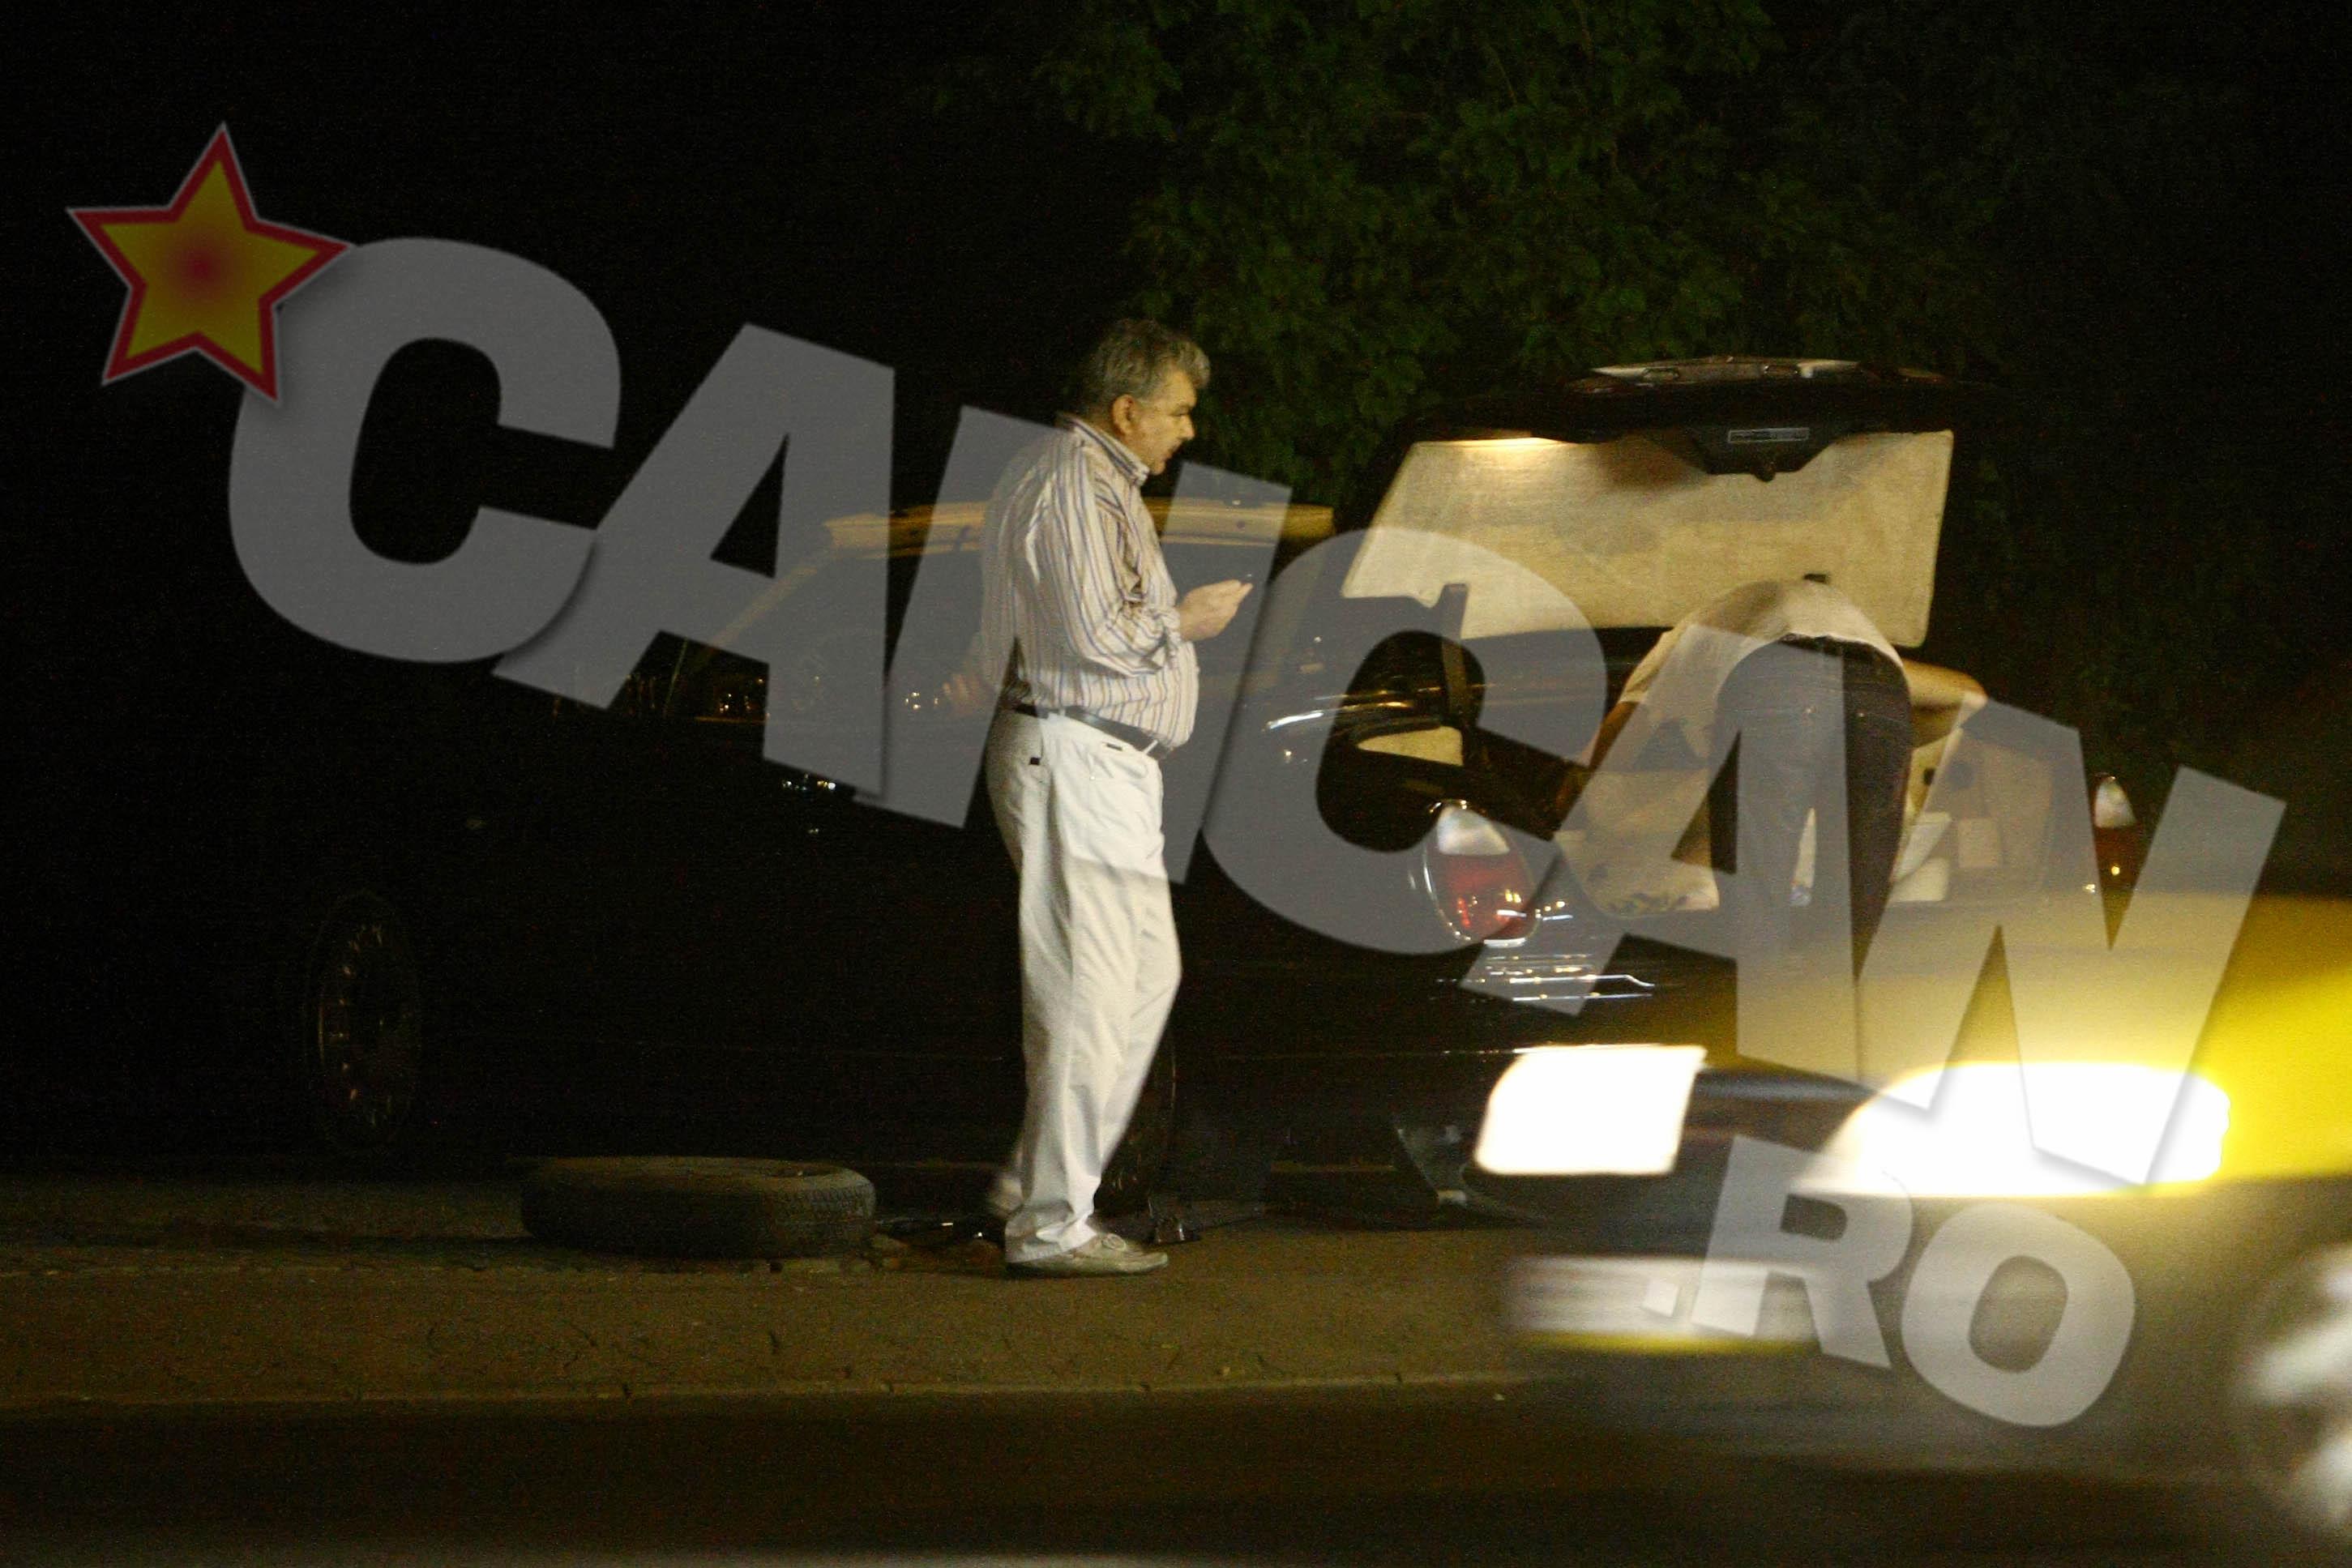 Bibi Galan se uita cu jind la masinile care trec pe langa el in viteza. Neavand ce face, se apuca de dat telefoane.